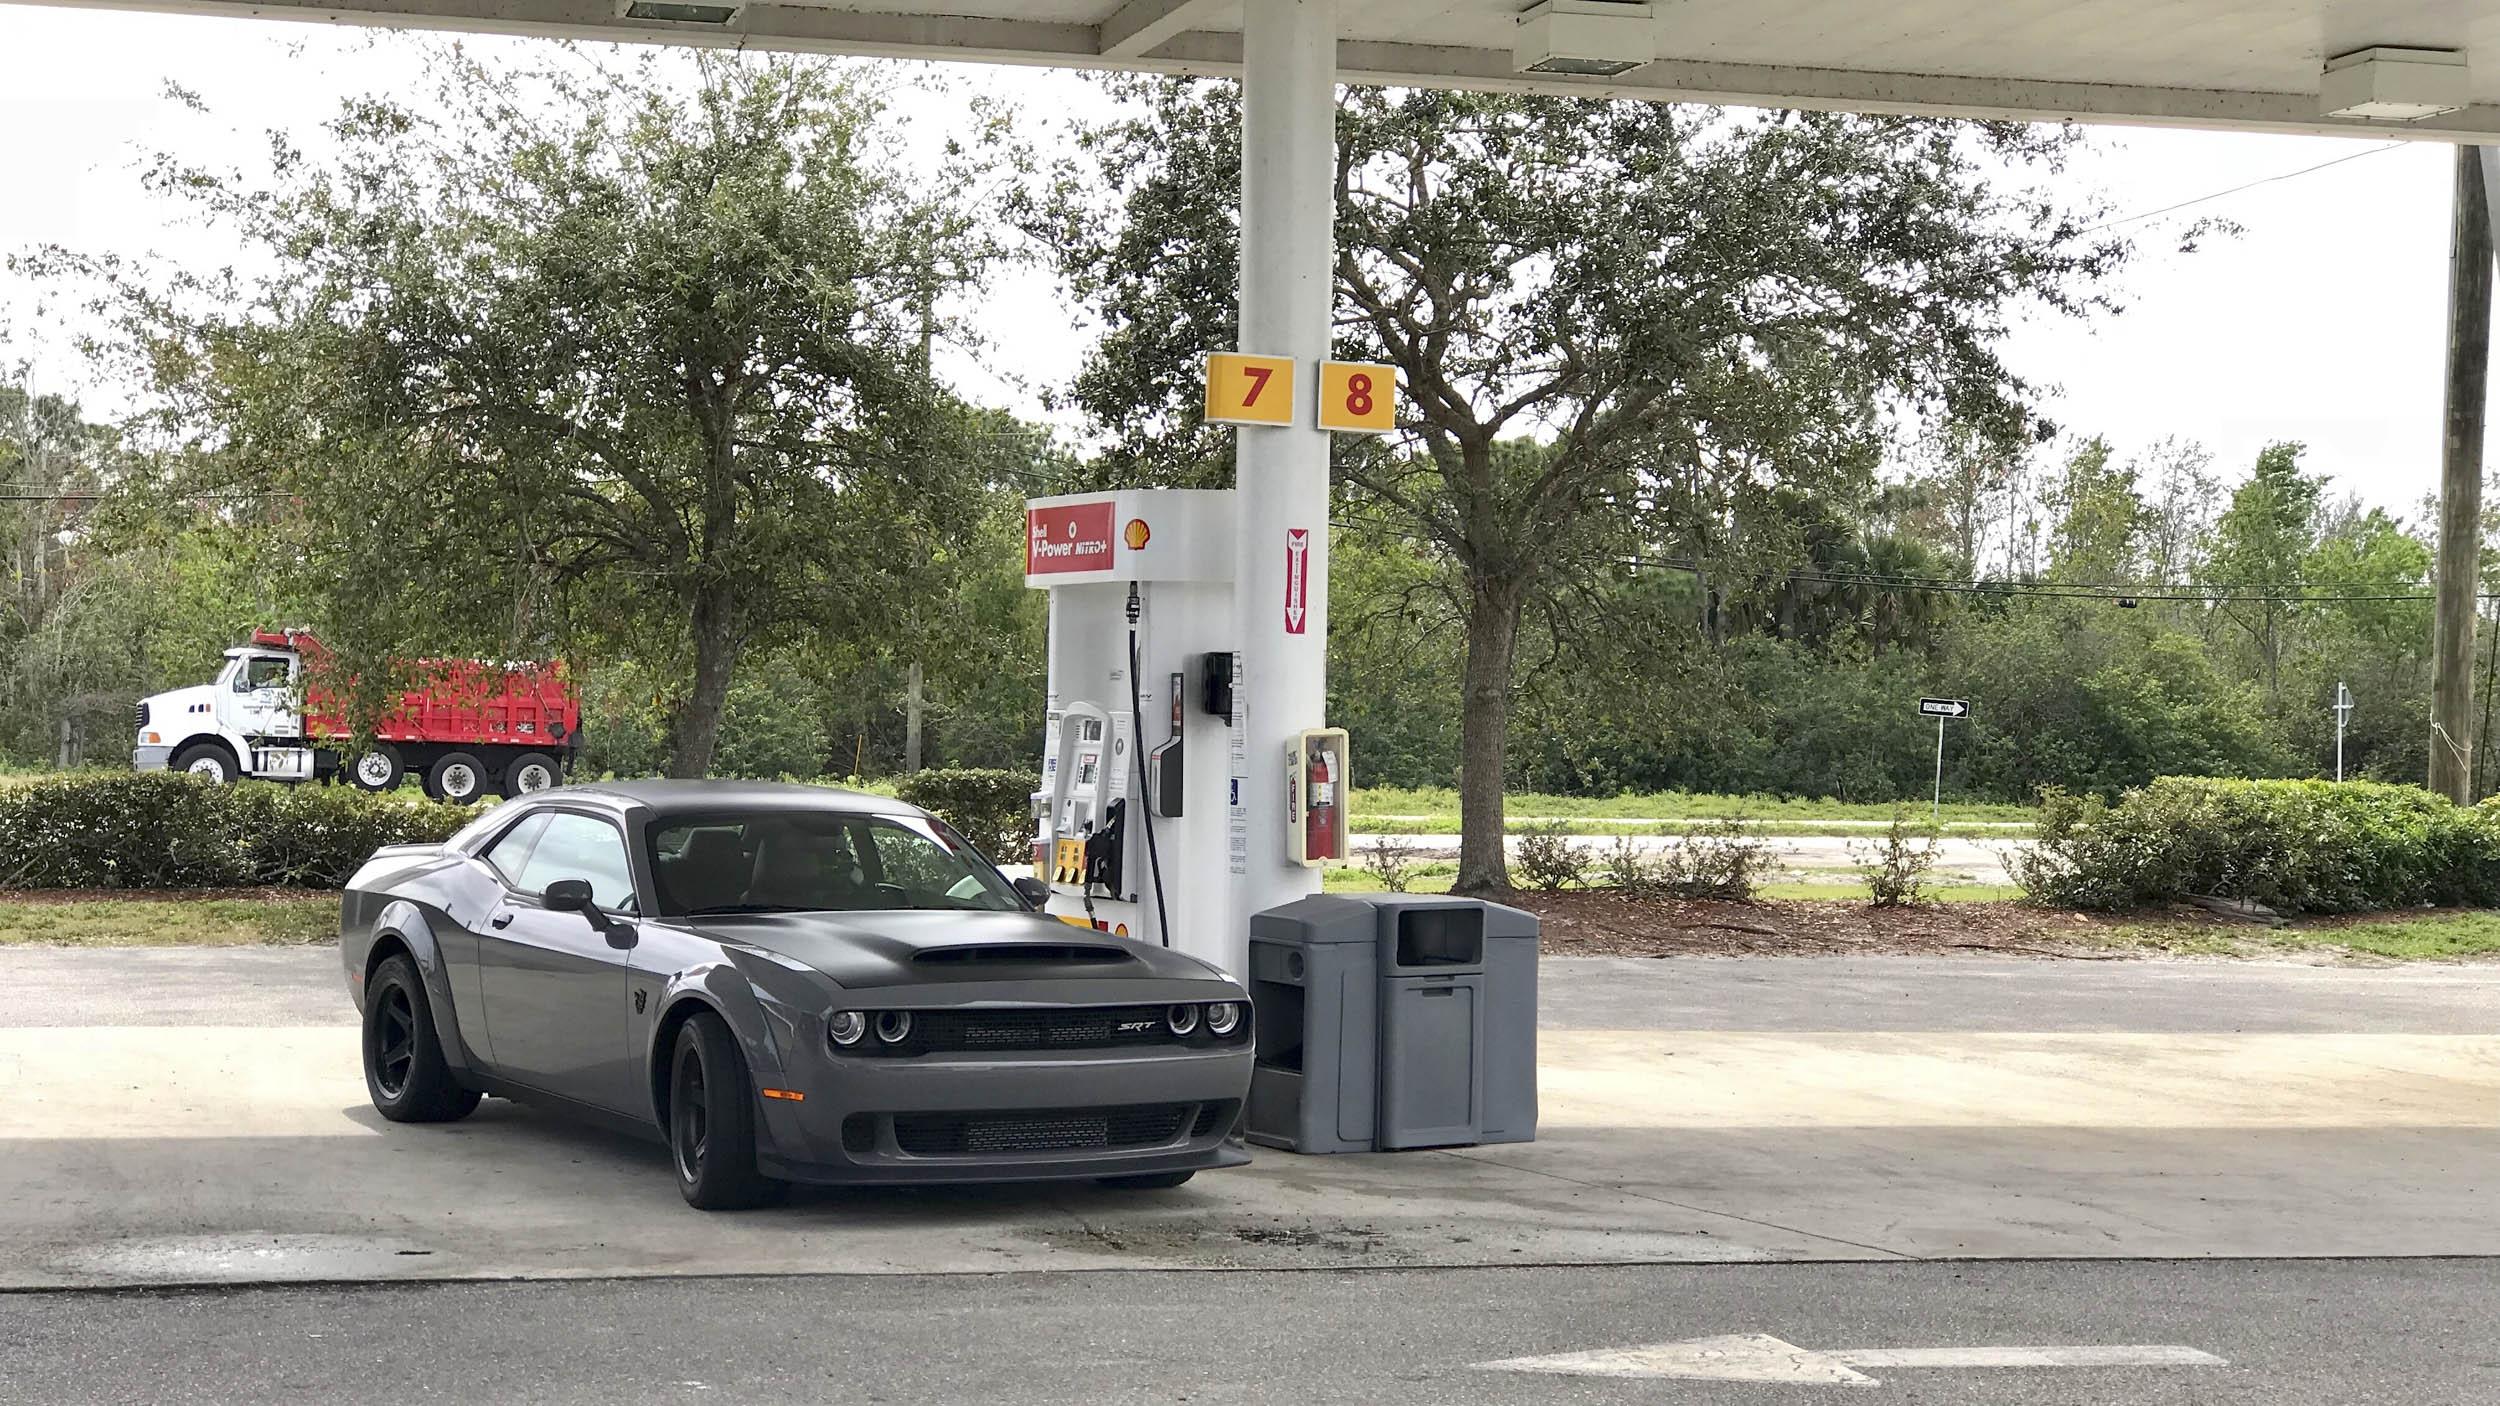 2018 Dodge Challenger SRT Demon getting gas